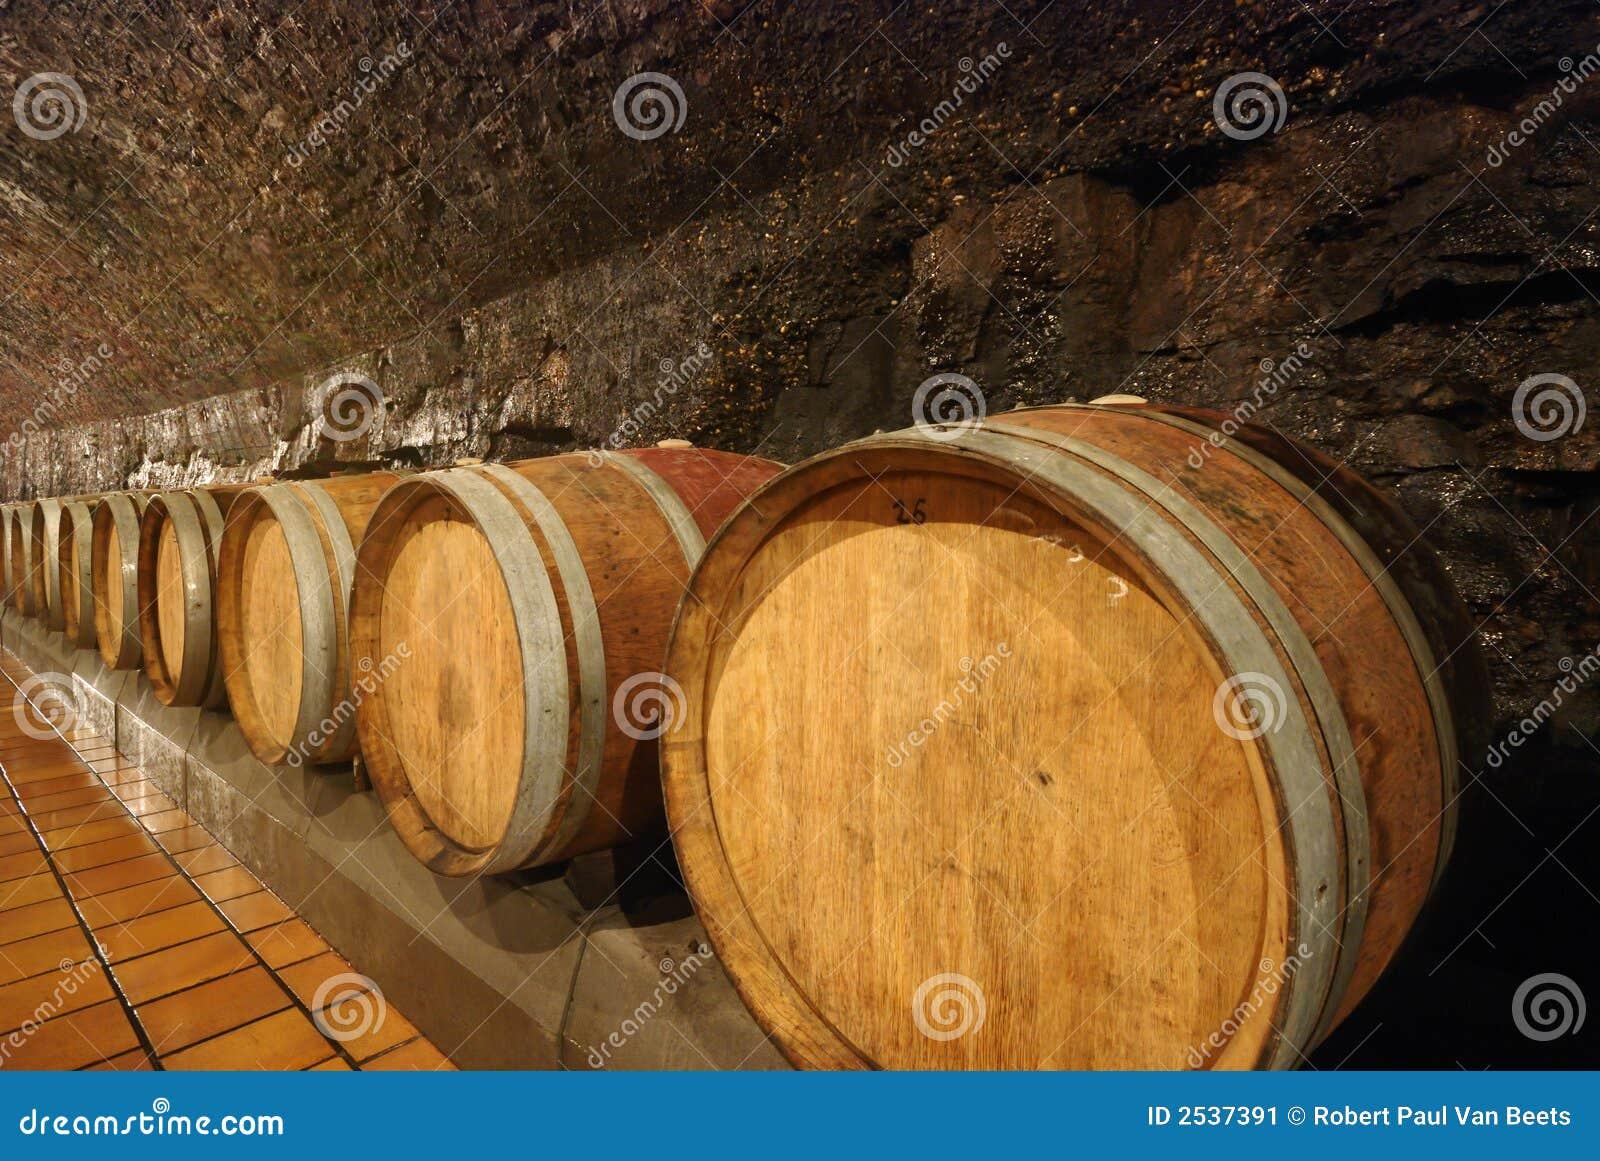 Barriles de vino de madera viejos imagen de archivo for Barriles de madera bar